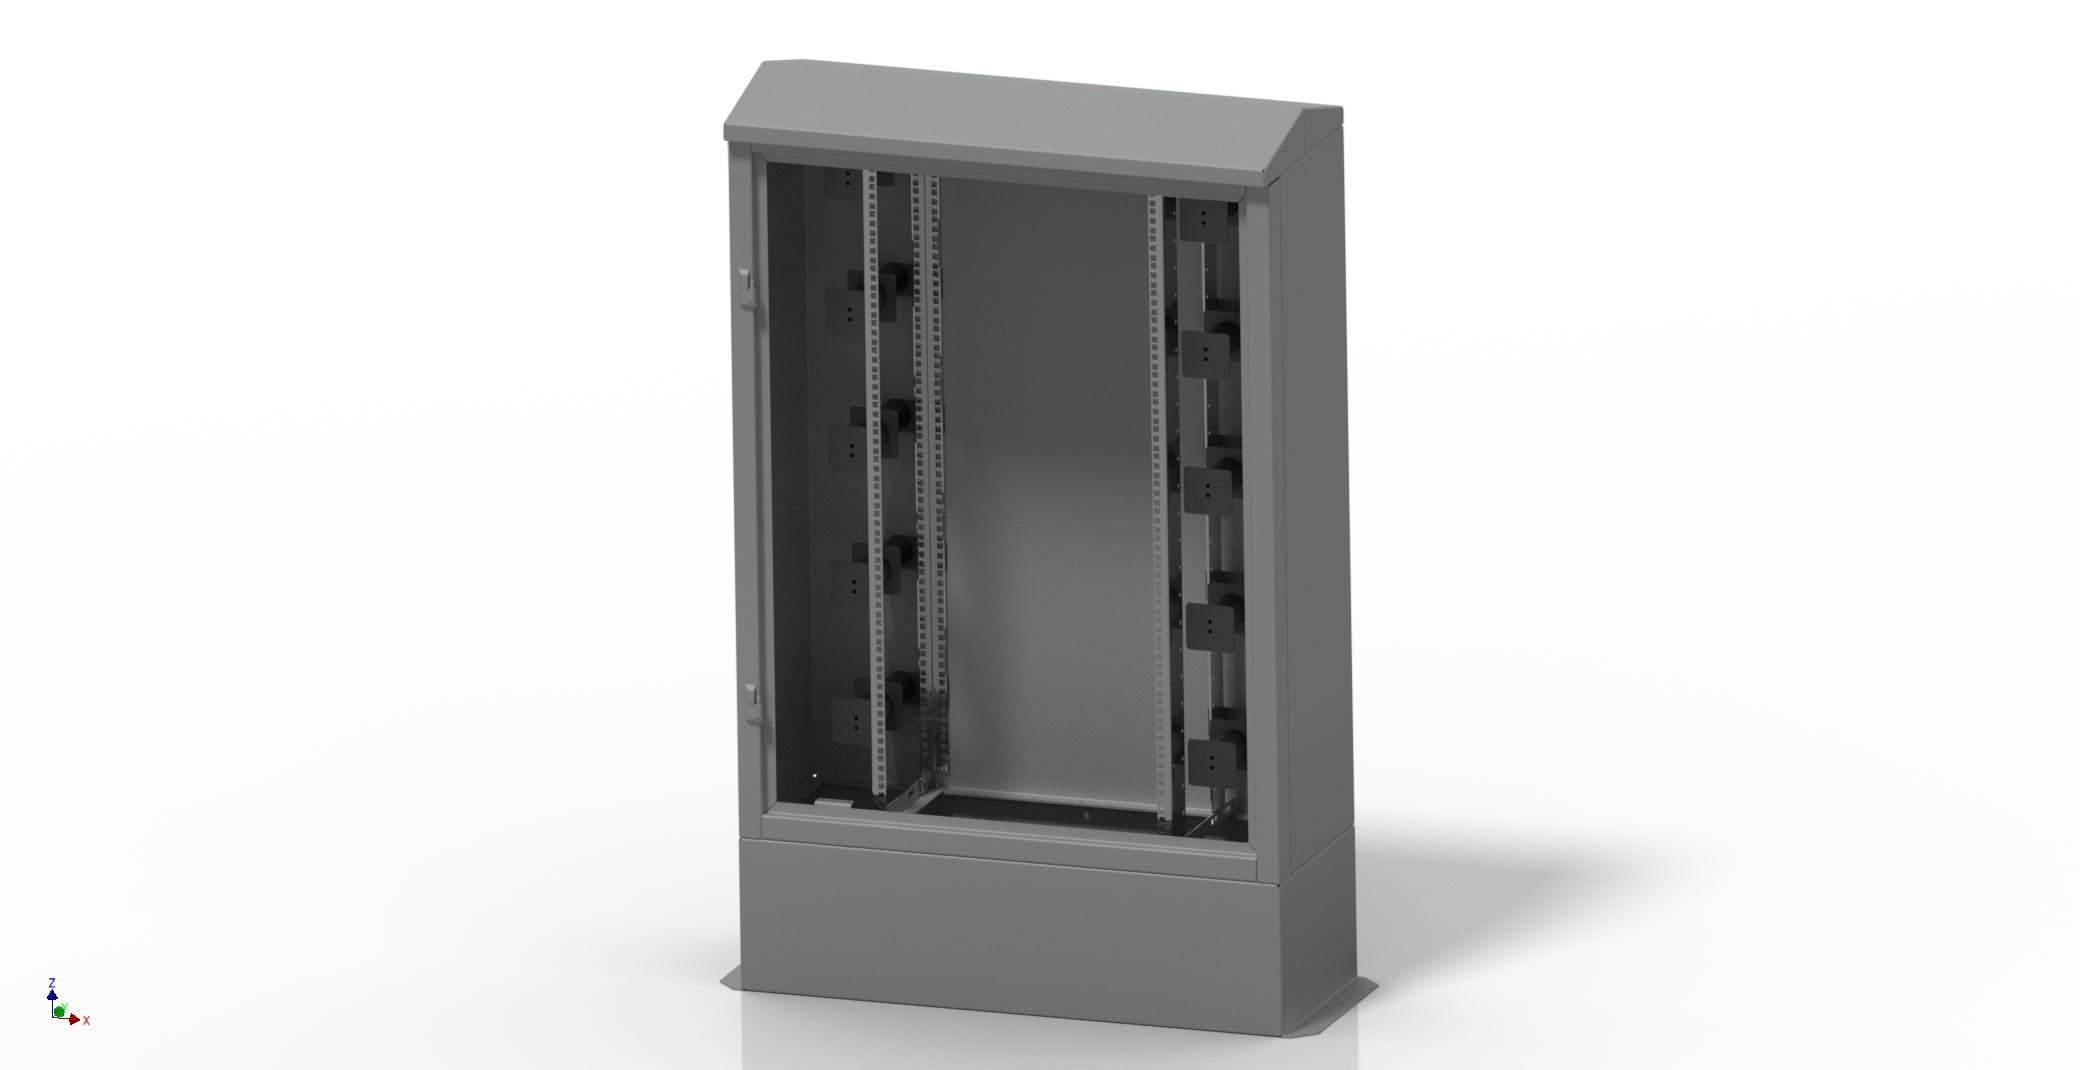 22000010-00A(internal)